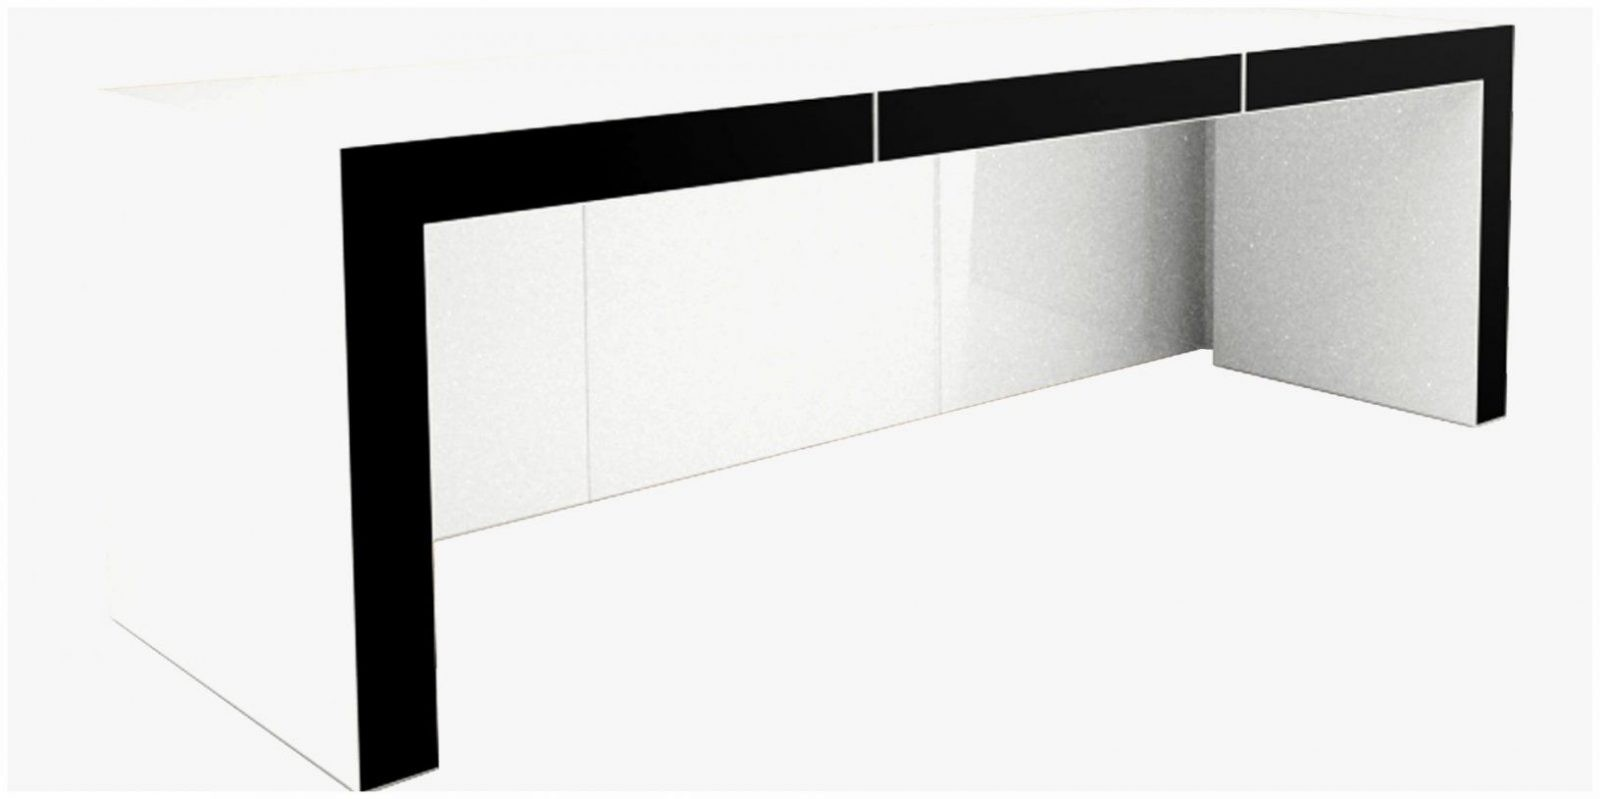 Schön Schreibtisch L Form Bilder Von Schreibtisch Design 98707 von Schreibtisch In L Form Photo